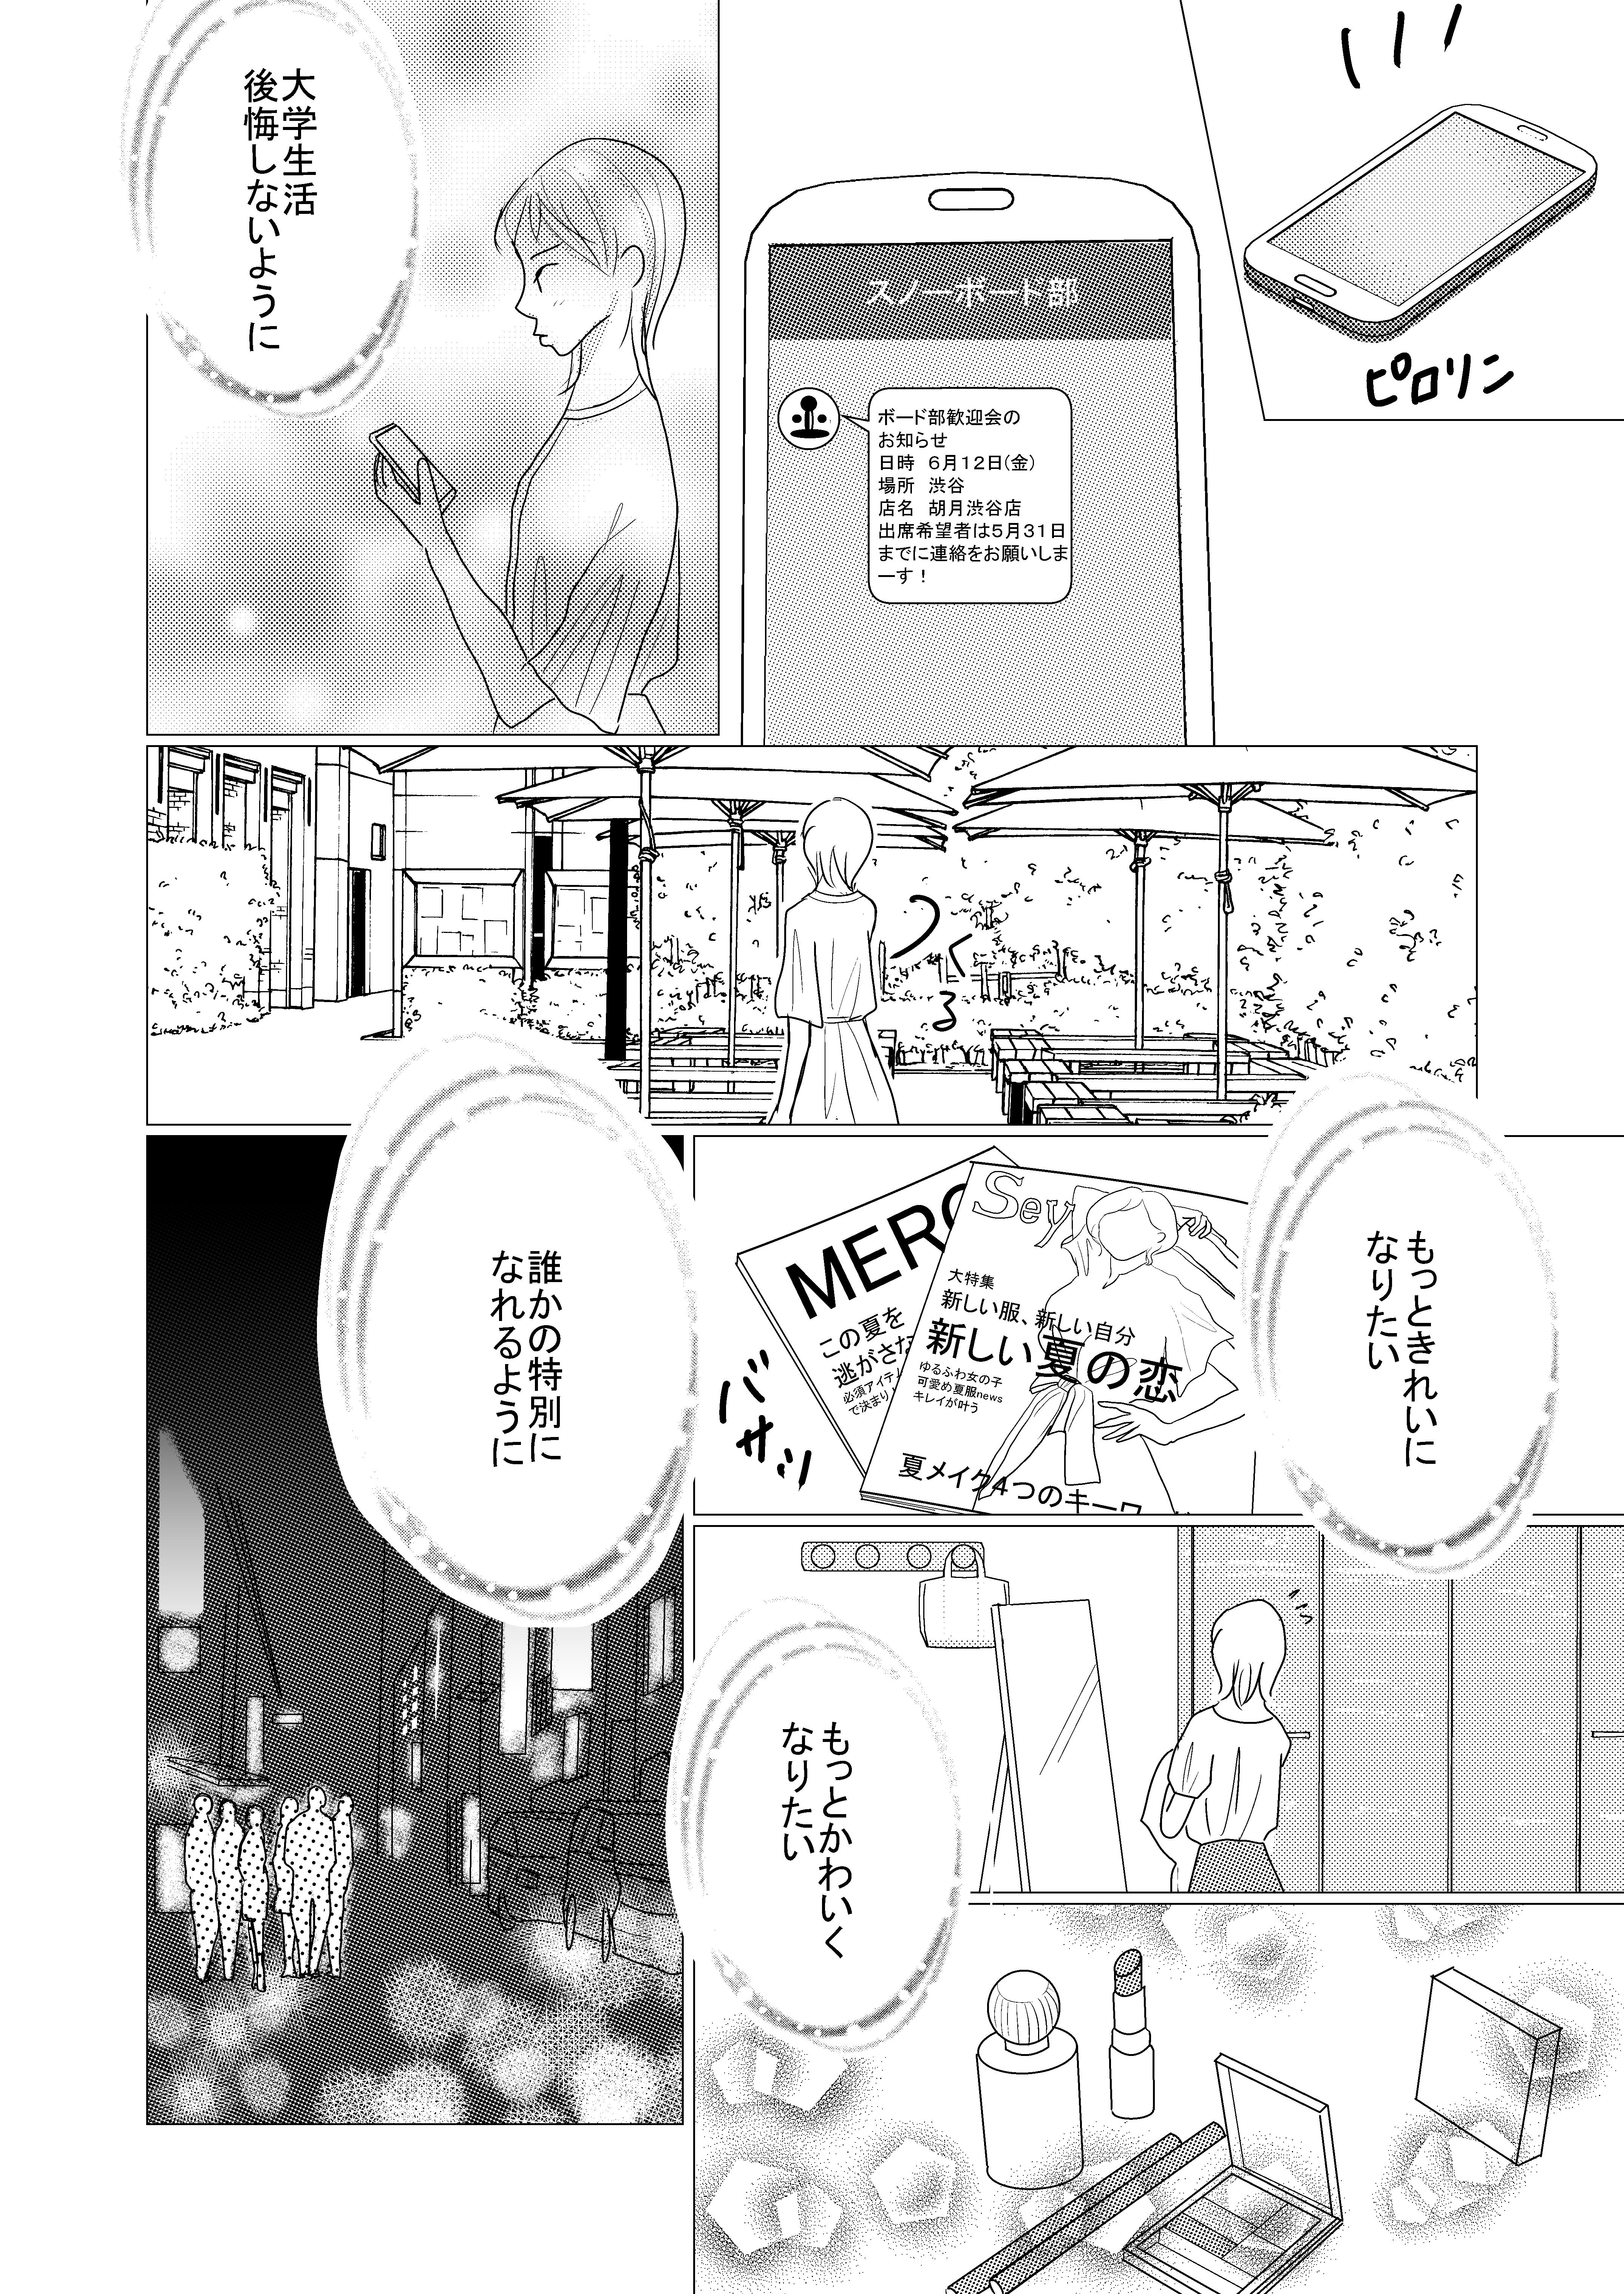 恋愛漫画/イケメン/大学生/社会人/大学生で初めて付き合う/初めての彼氏/shoujyo manga/米加夢/56ページ